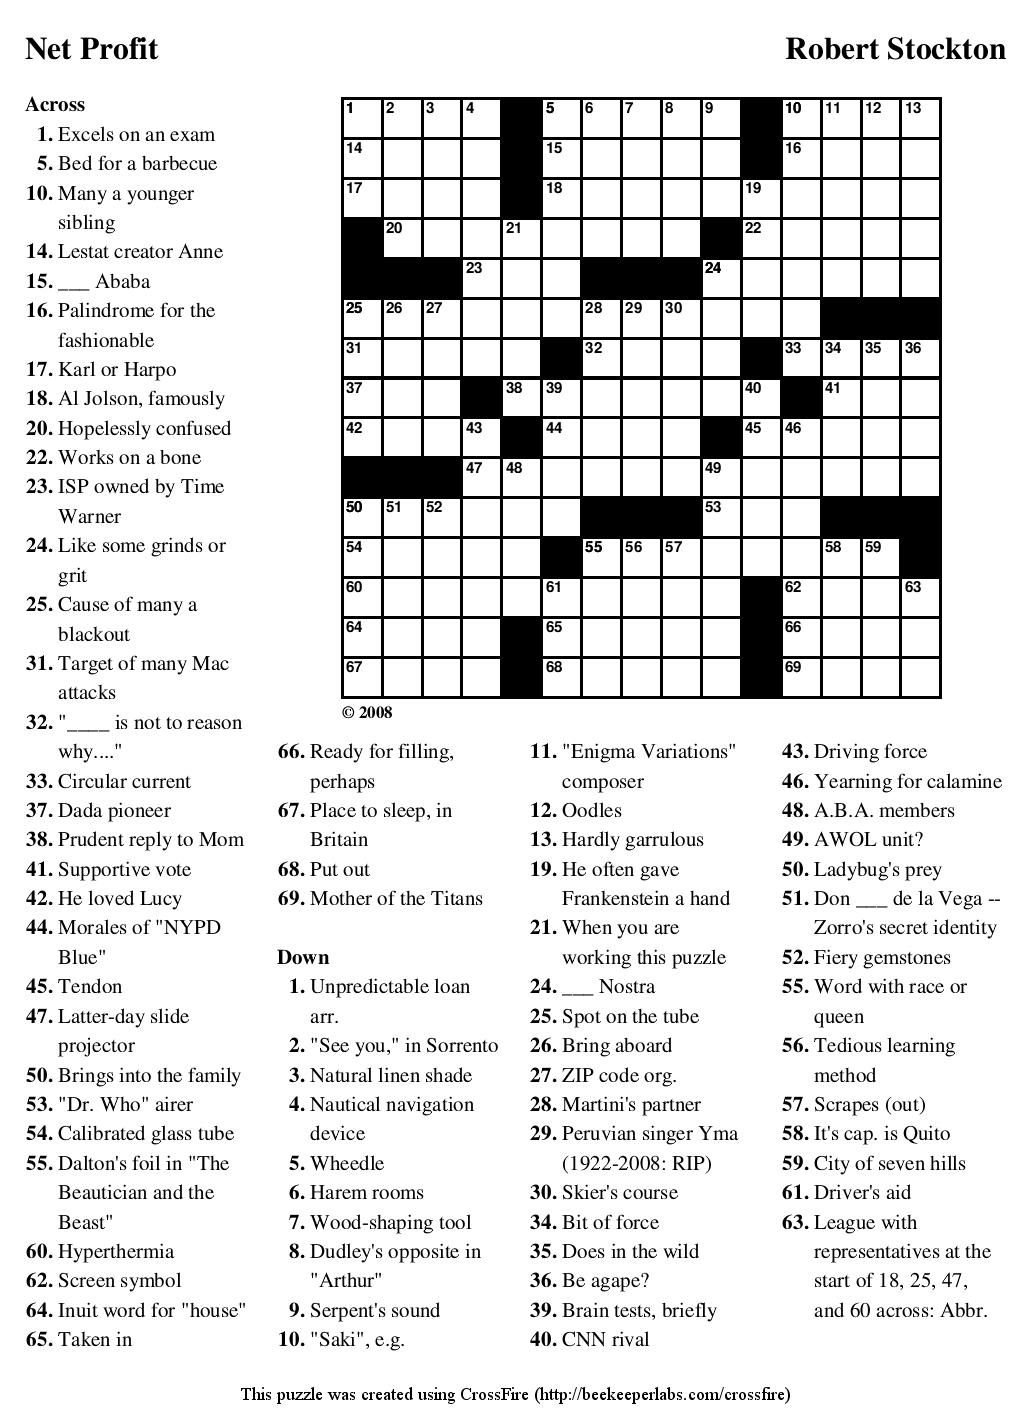 Crosswords Crossword Maker Puzzle Free Netprofit ~ Themarketonholly - Crossword Puzzle Maker Free Printable No Download